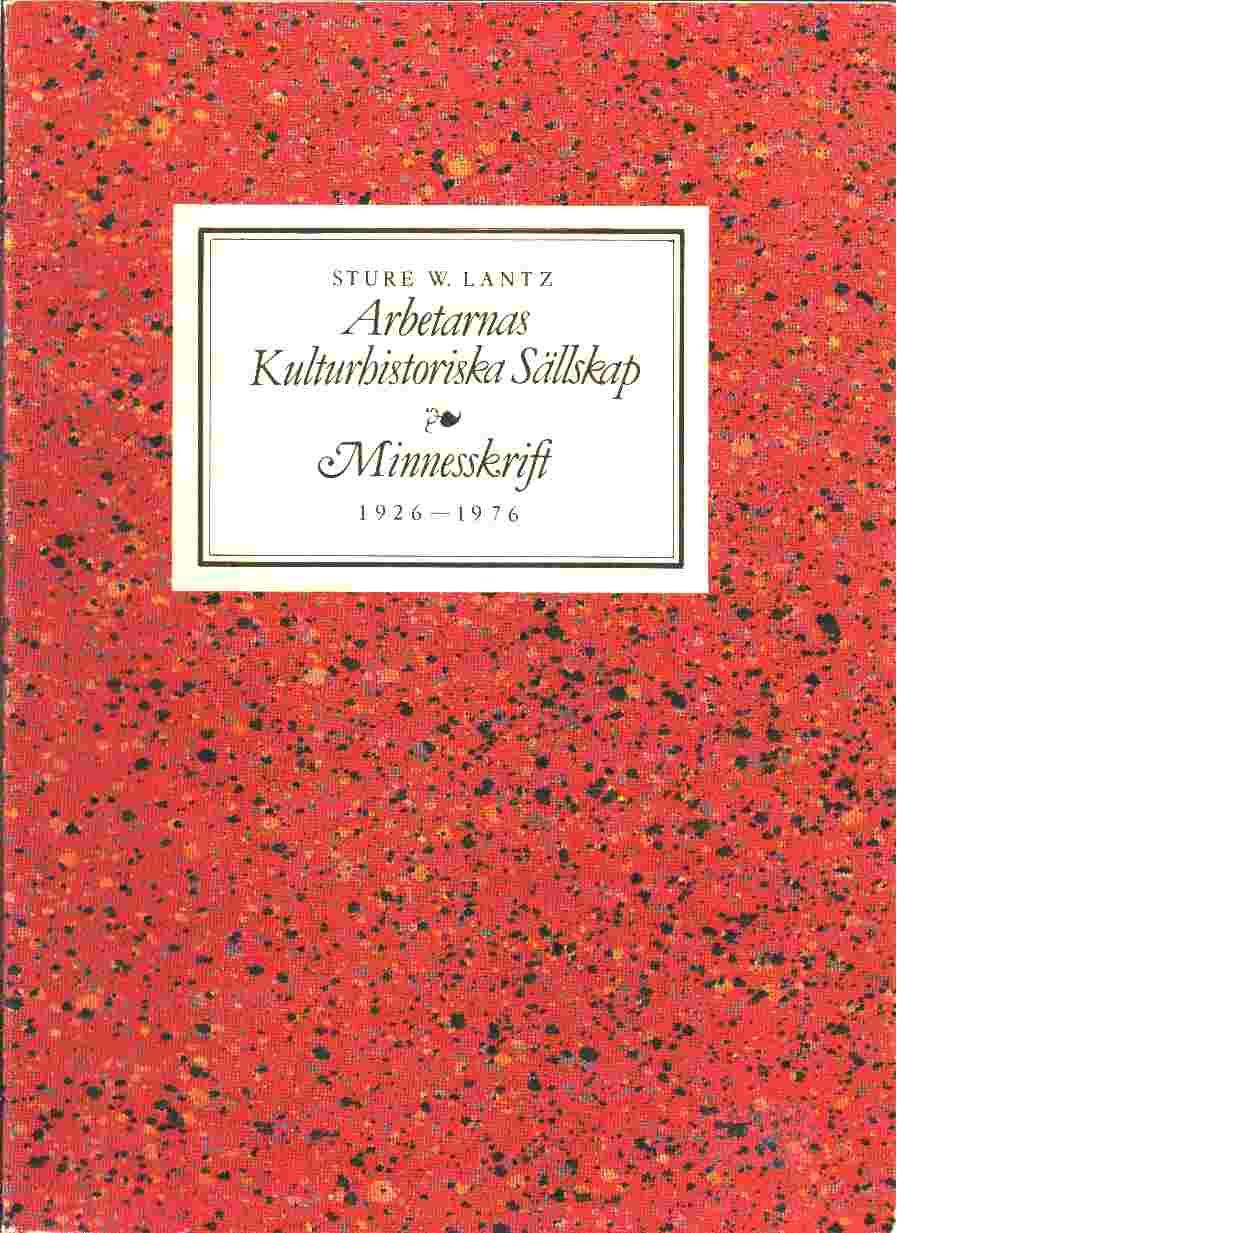 Arbetarnas kulturhistoriska sällskap 1926-1976 : minnesskrift - Lantz, Sture W.